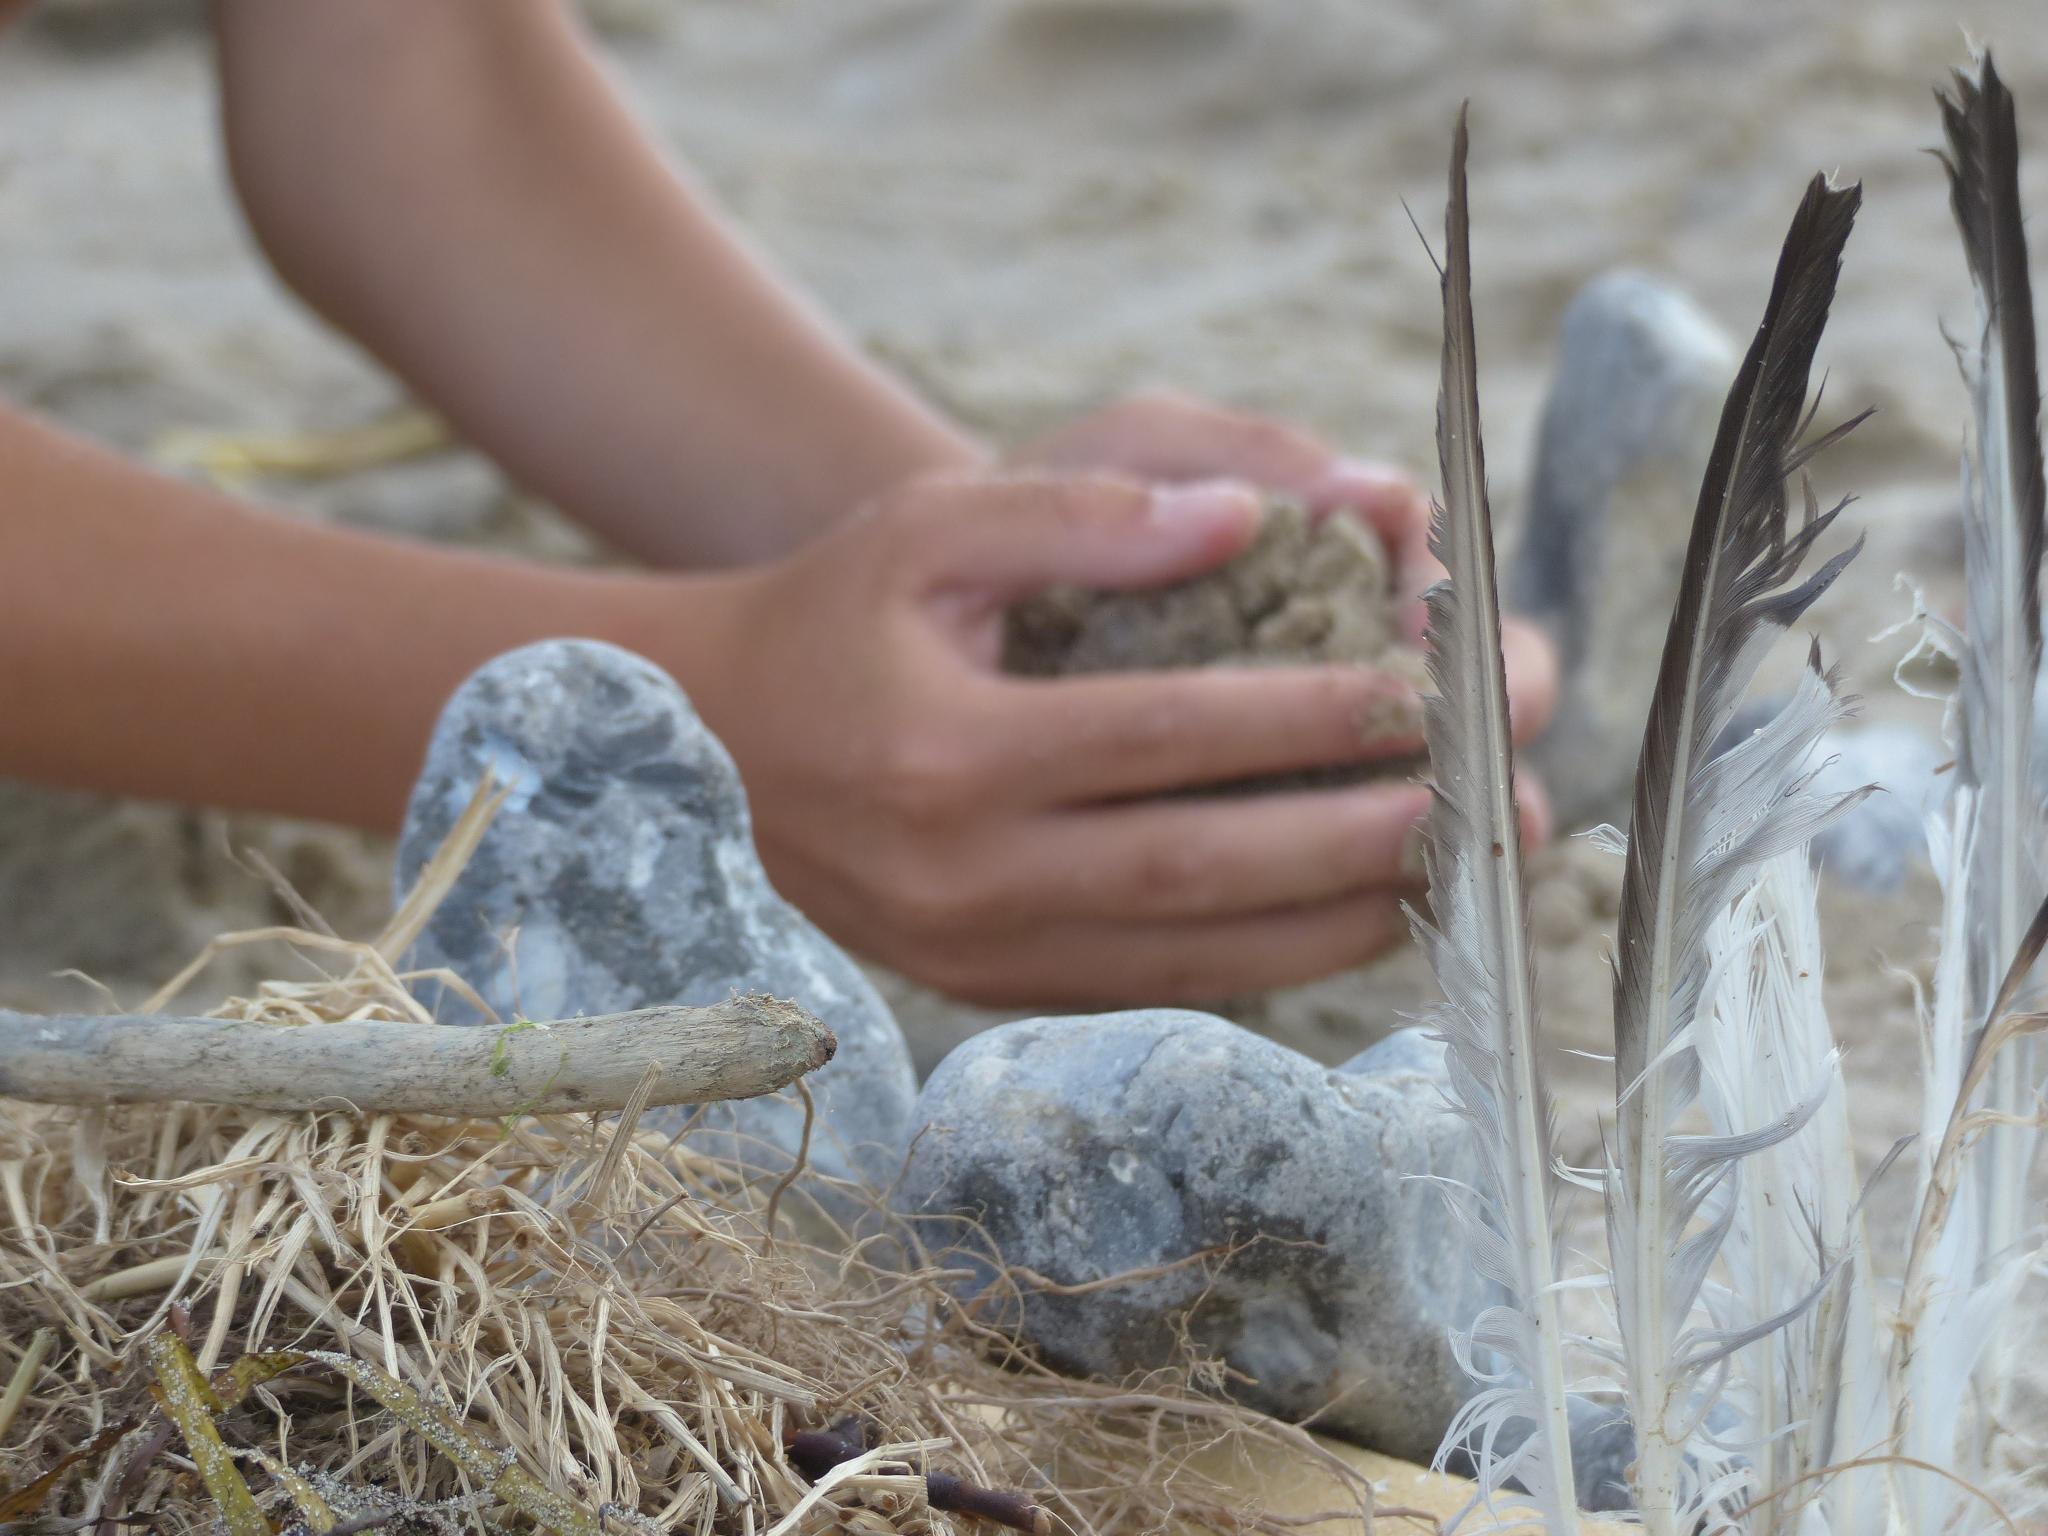 Aus den Ferien bringen Familien viele Fundstücke mit nach Hause, dazu gehören z.B. Federn, Steine, Muscheln und Schwemmholz